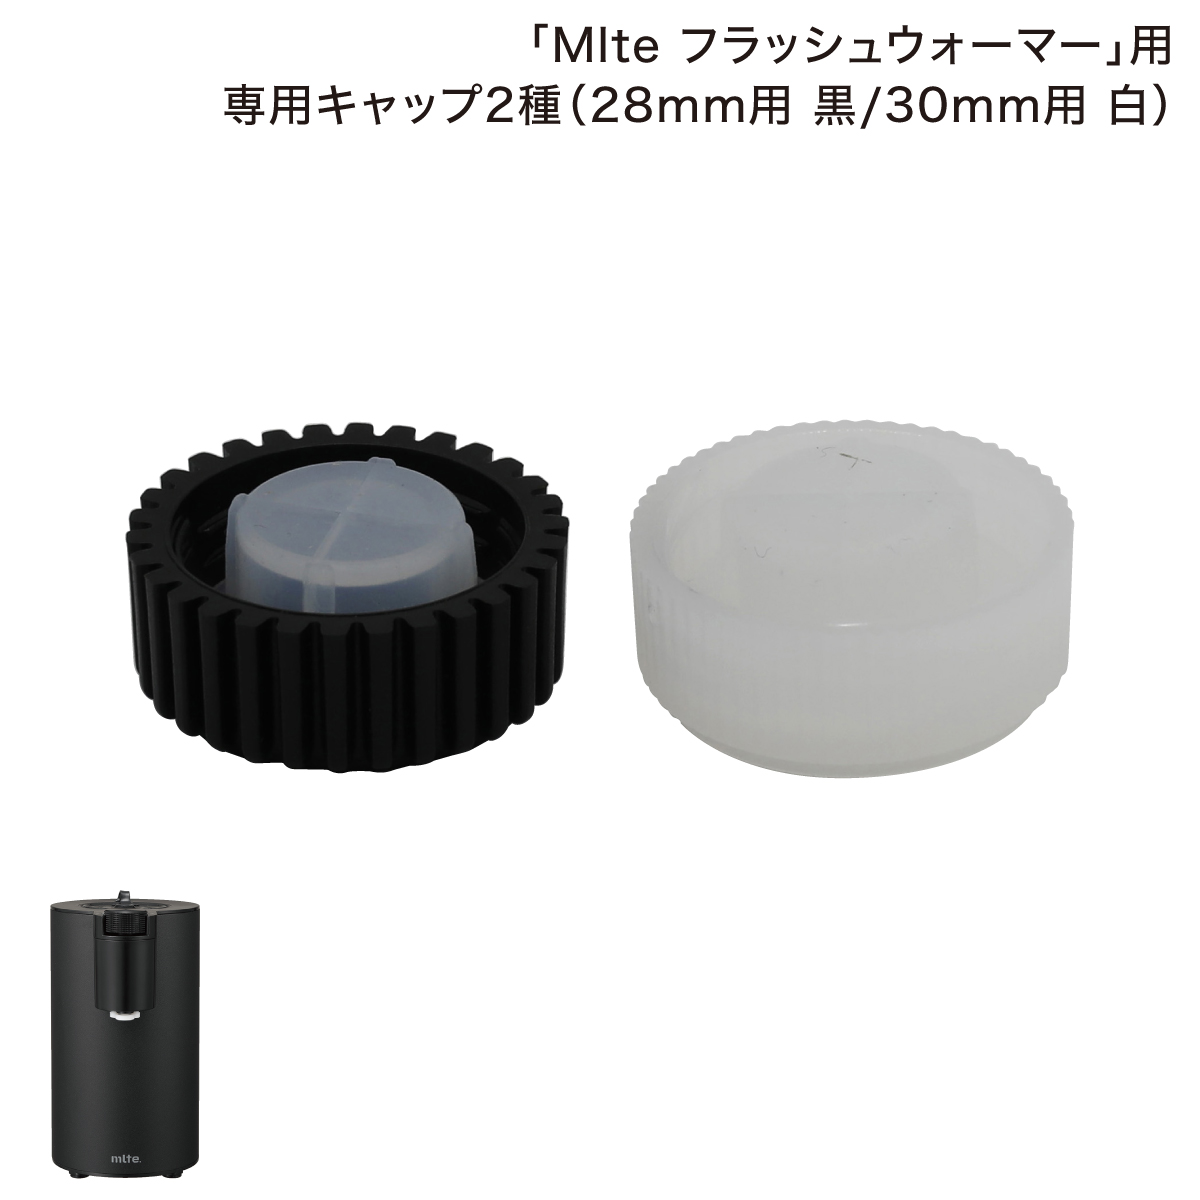 黒:28mm用 白:30mm用 mlte ミルテ フラッシュウォーマー 超激安 MR-01FW ざわつく 部品 キャップ2種 湯沸し器 専用 高品質 2秒